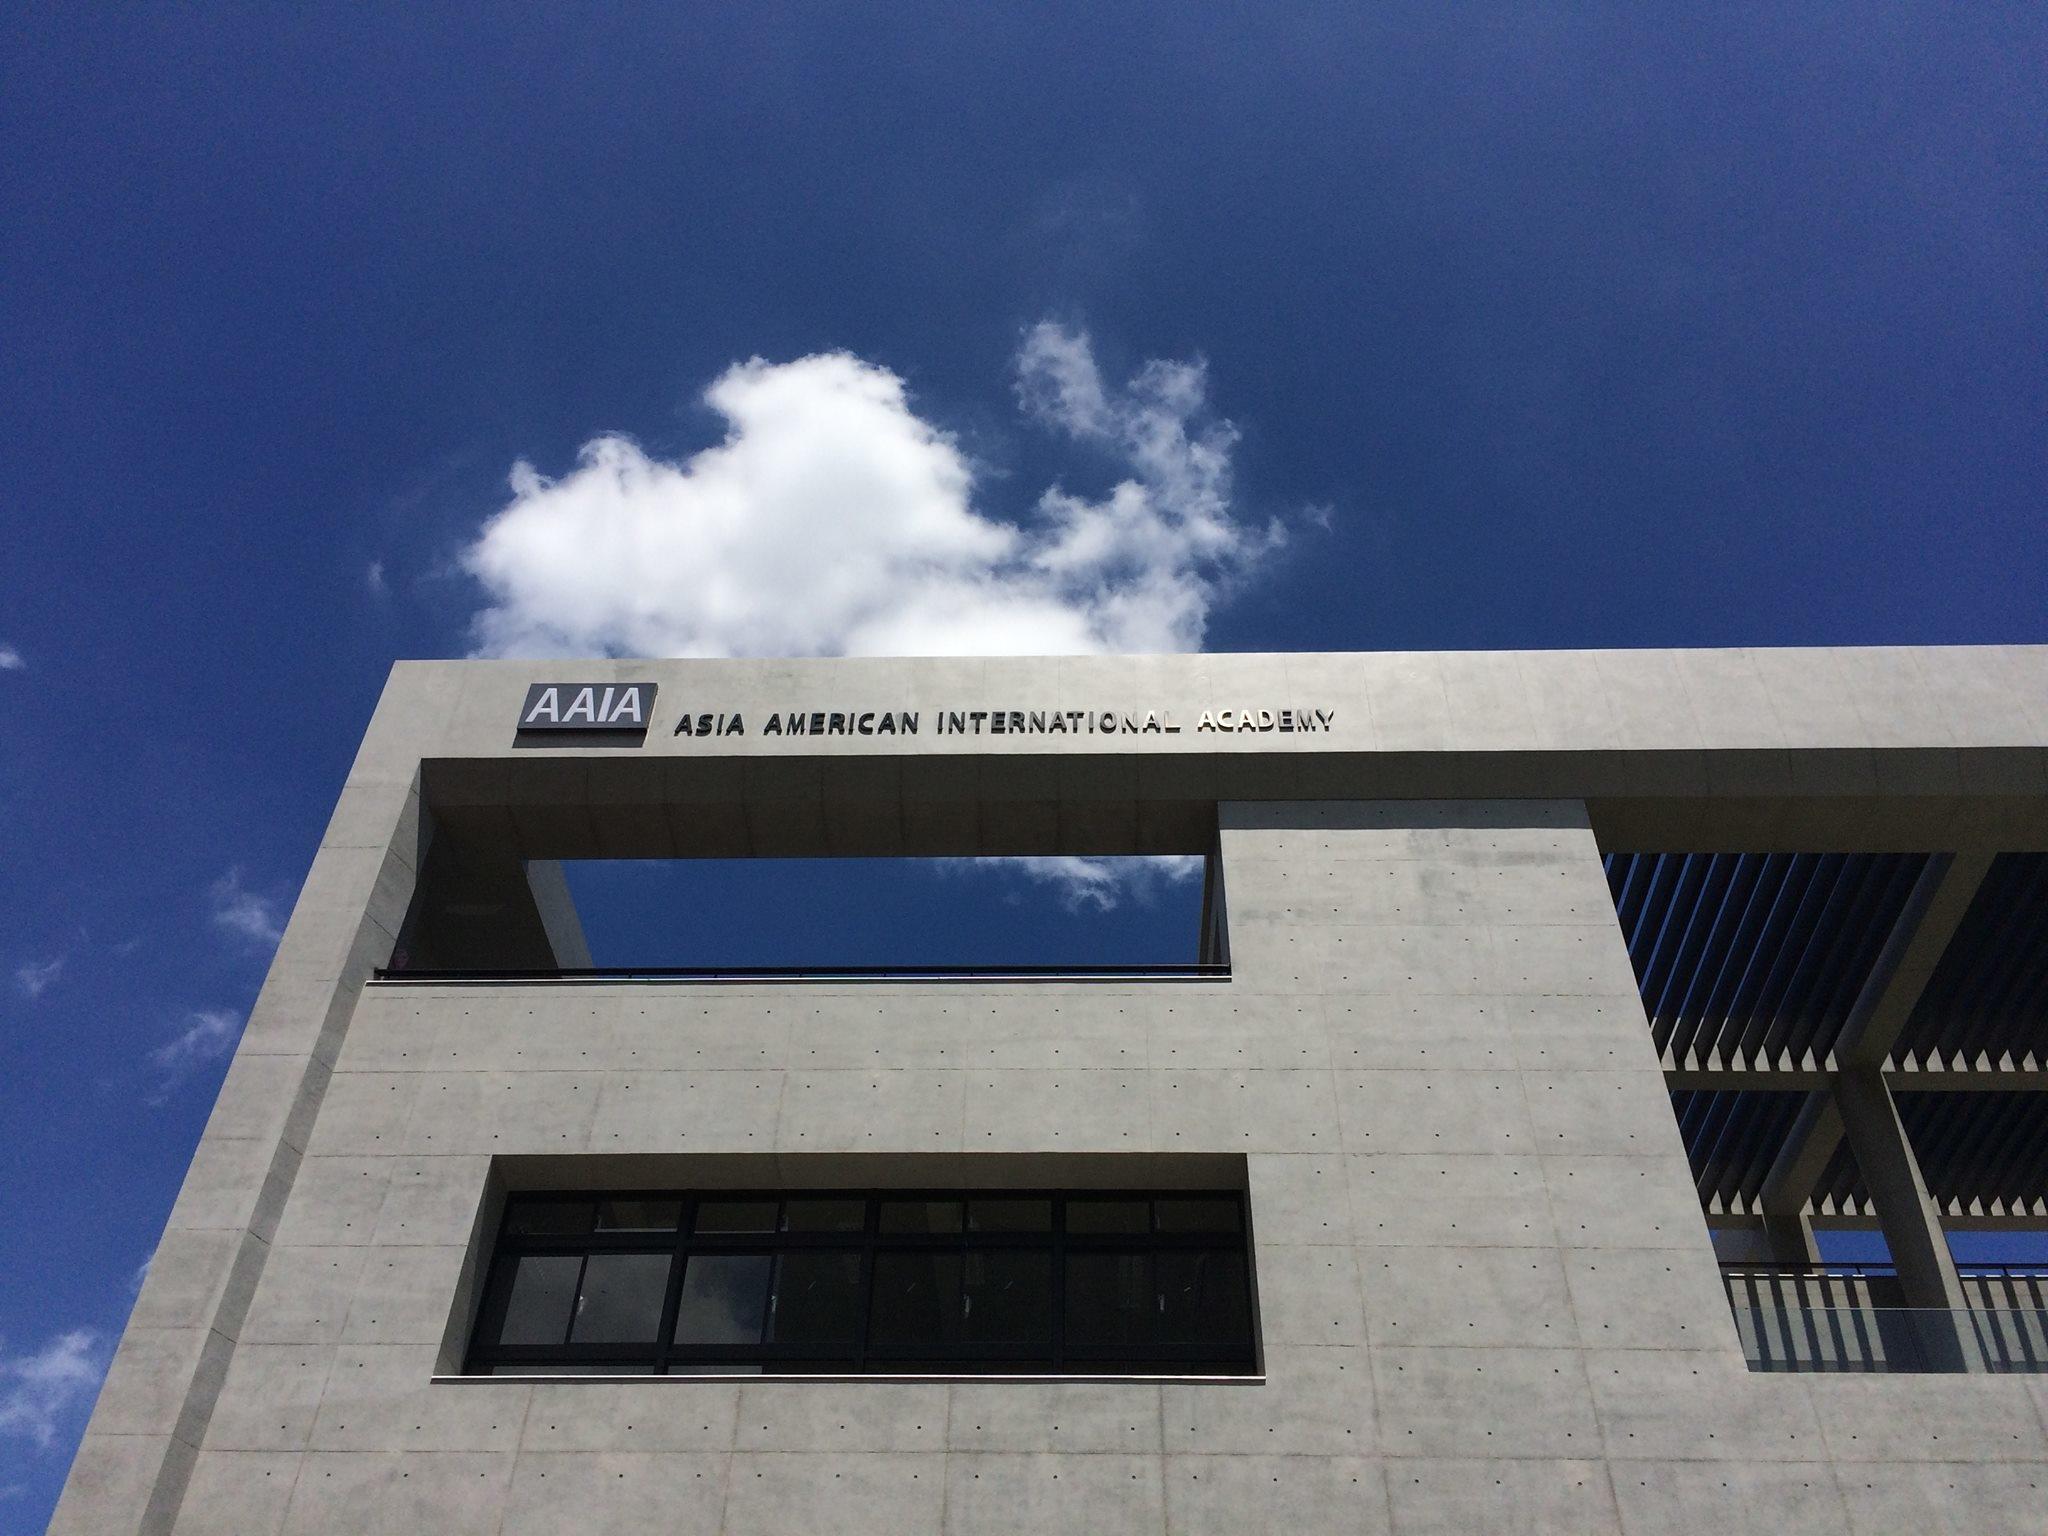 AAIA 新北美國學校 華美國際美國學校 - A LEAGUE 留學輔導 | 外僑學校 | 台灣國際學校 | 雙語班 | 國際班 | 申請美國大學